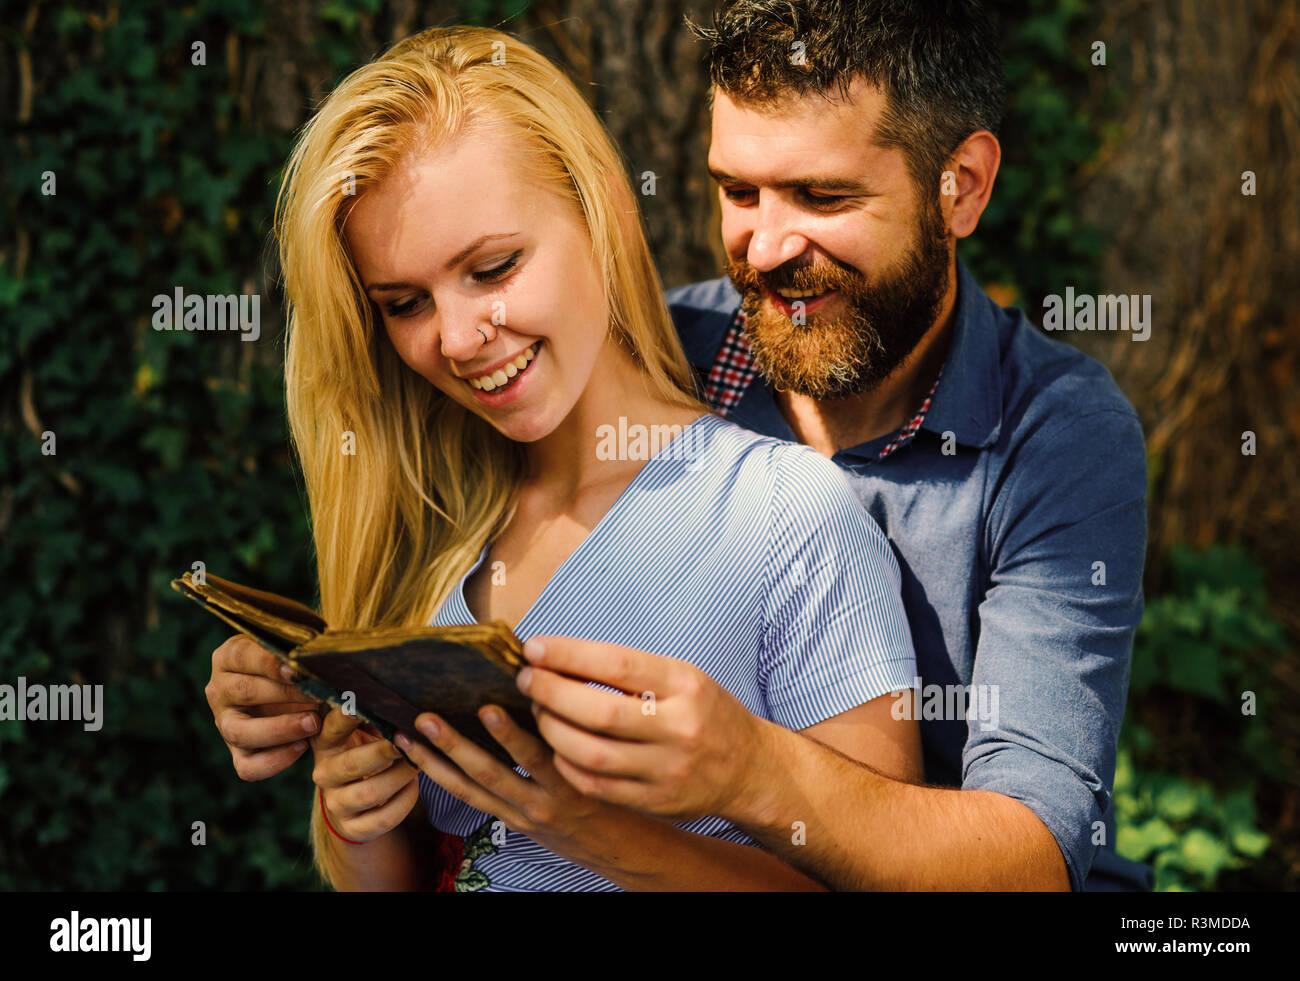 Fille Avec Un Visage Heureux Detient Vieux Livre Couple